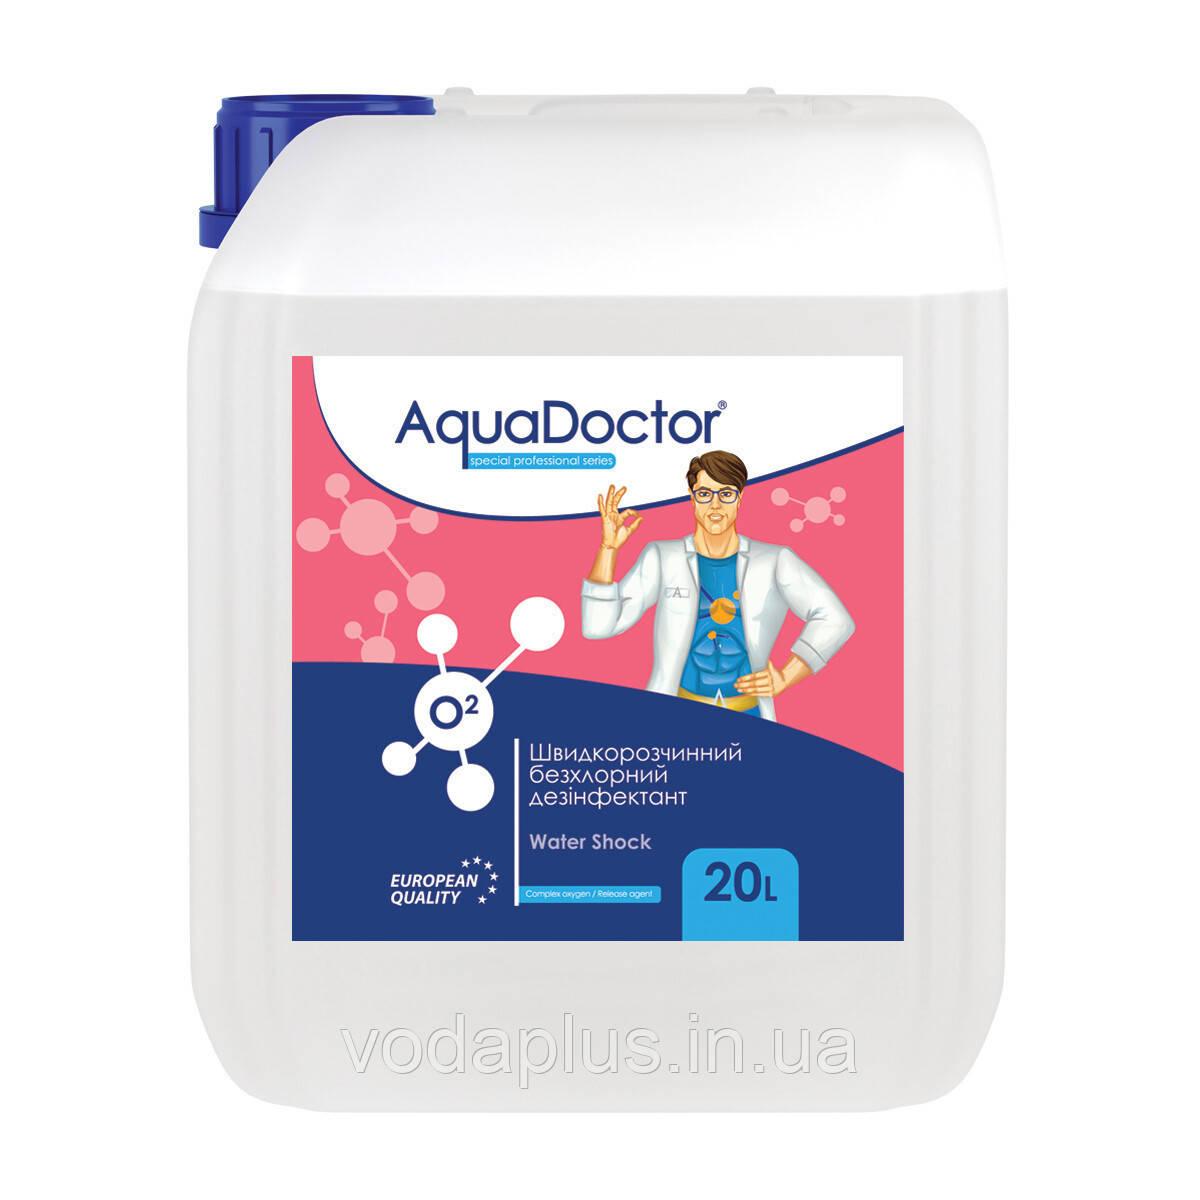 Дезинфектант на основе активного кислорода AquaDoctor Water Shock О2 (20л.)